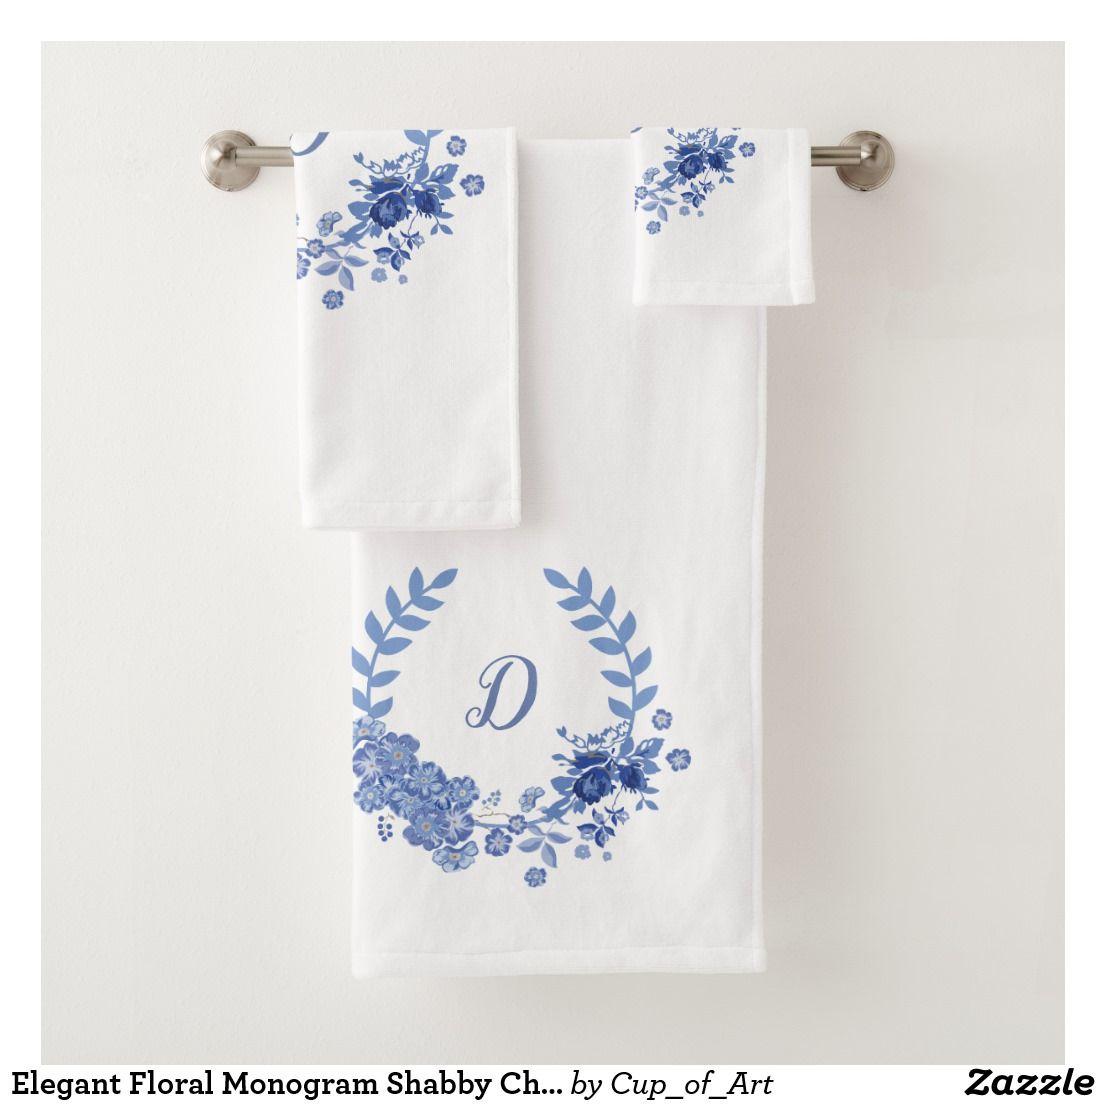 Elegant Floral Monogram Shabby Chic Blue Bath Towel Set Zazzle Com With Images Floral Monogram Blue Bath Towels Shabby Chic